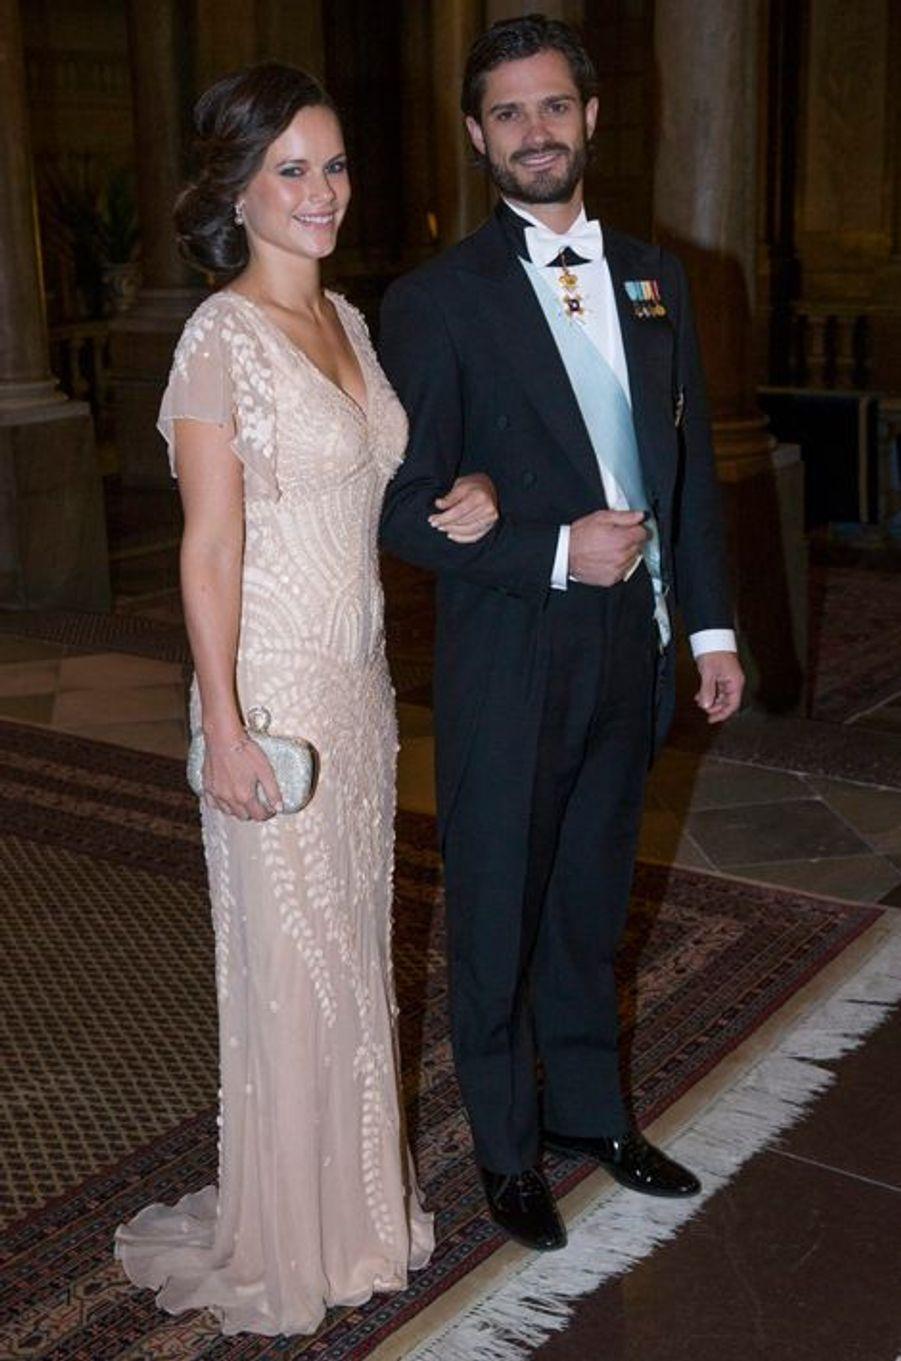 Sofia Hellqvist et le prince Carl Philip de Suède au palais royal à Stockholm, le 11 décembre 2014